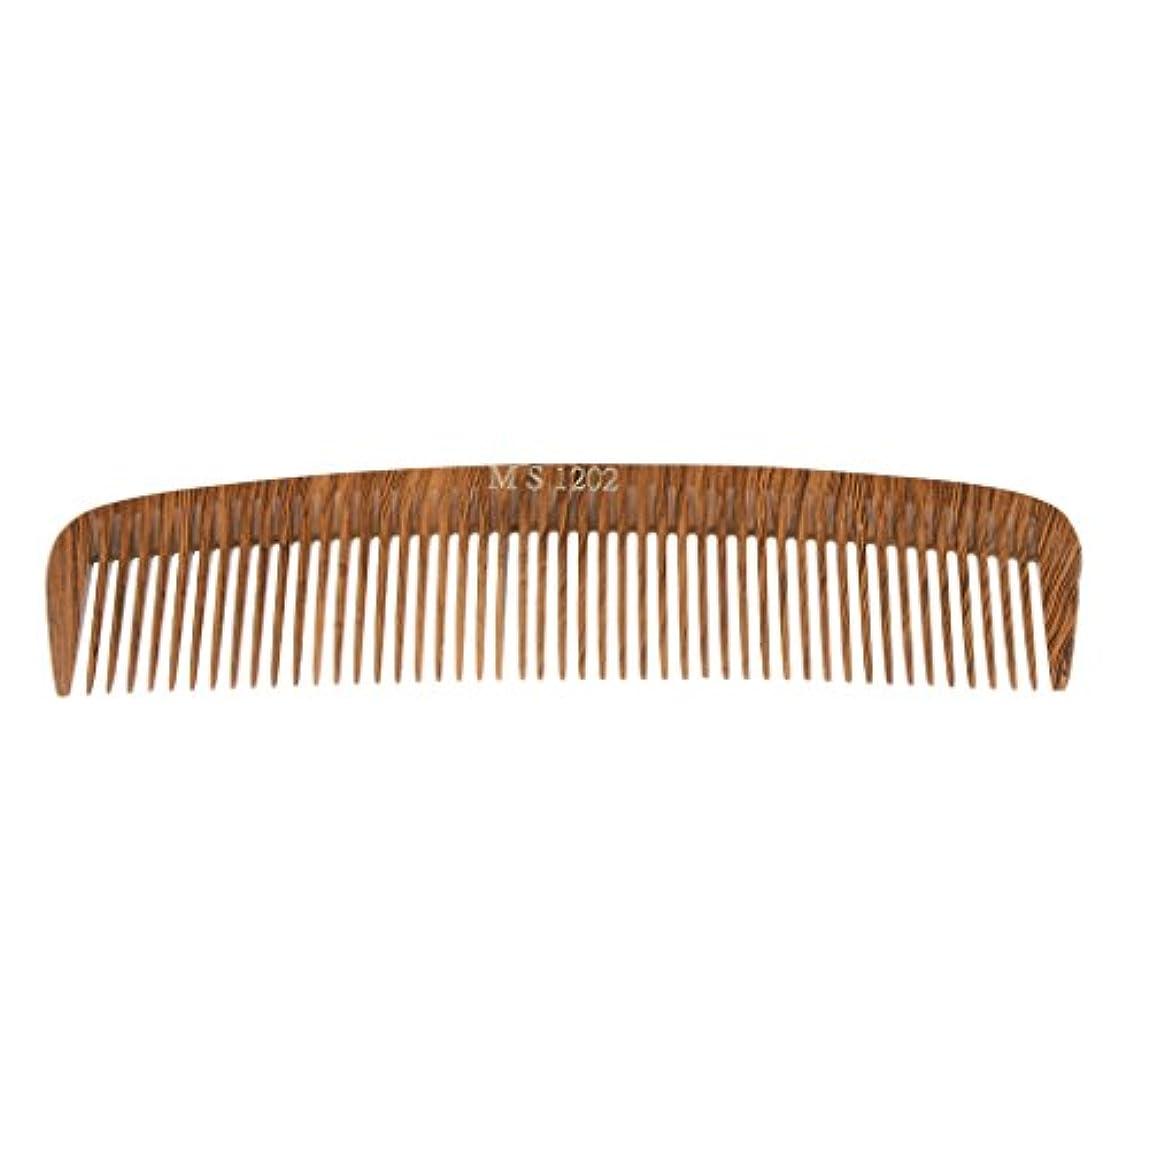 インスタンスごちそう枝ヘアカットコーム コーム 木製櫛 くし ヘアブラシ ウッド 帯電防止 4タイプ選べる - 1202